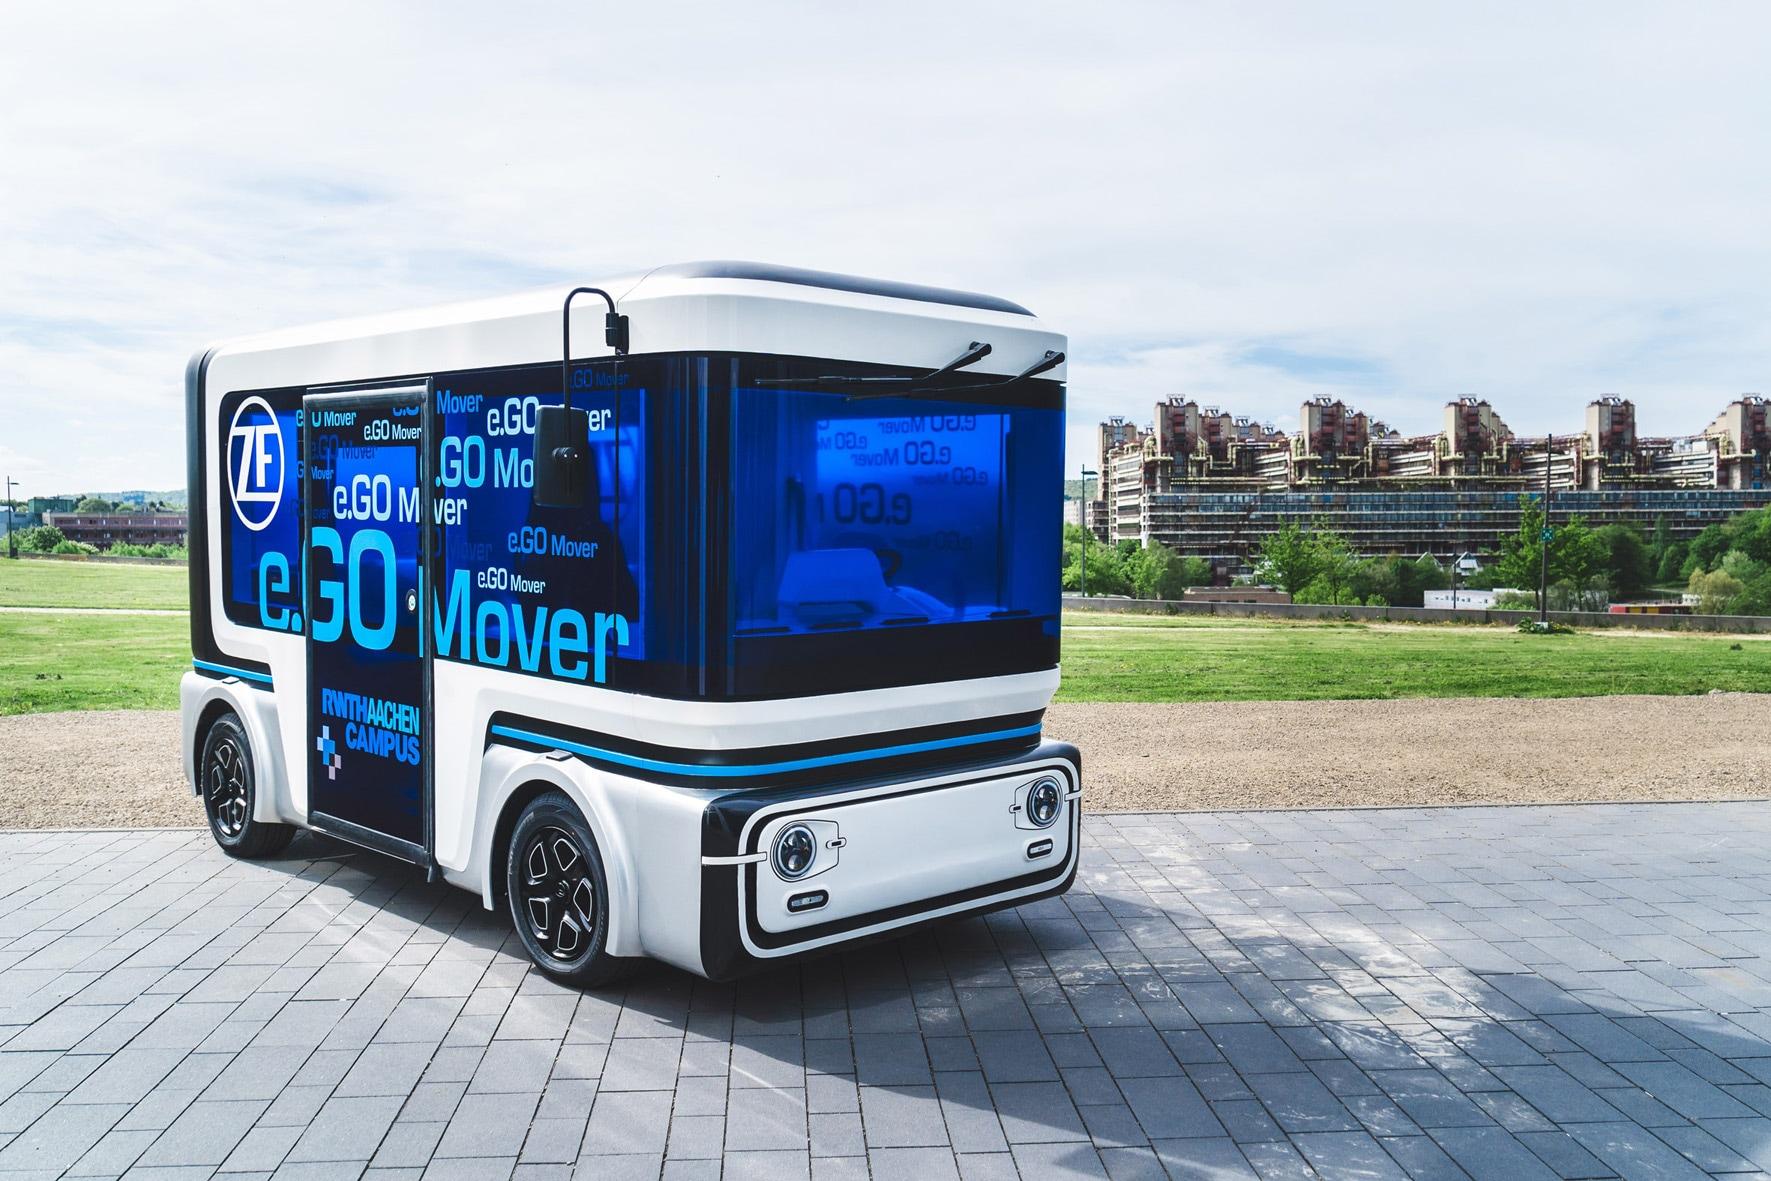 Elettrica e autonoma: ecco la navetta per il trasporto pubblico futuro